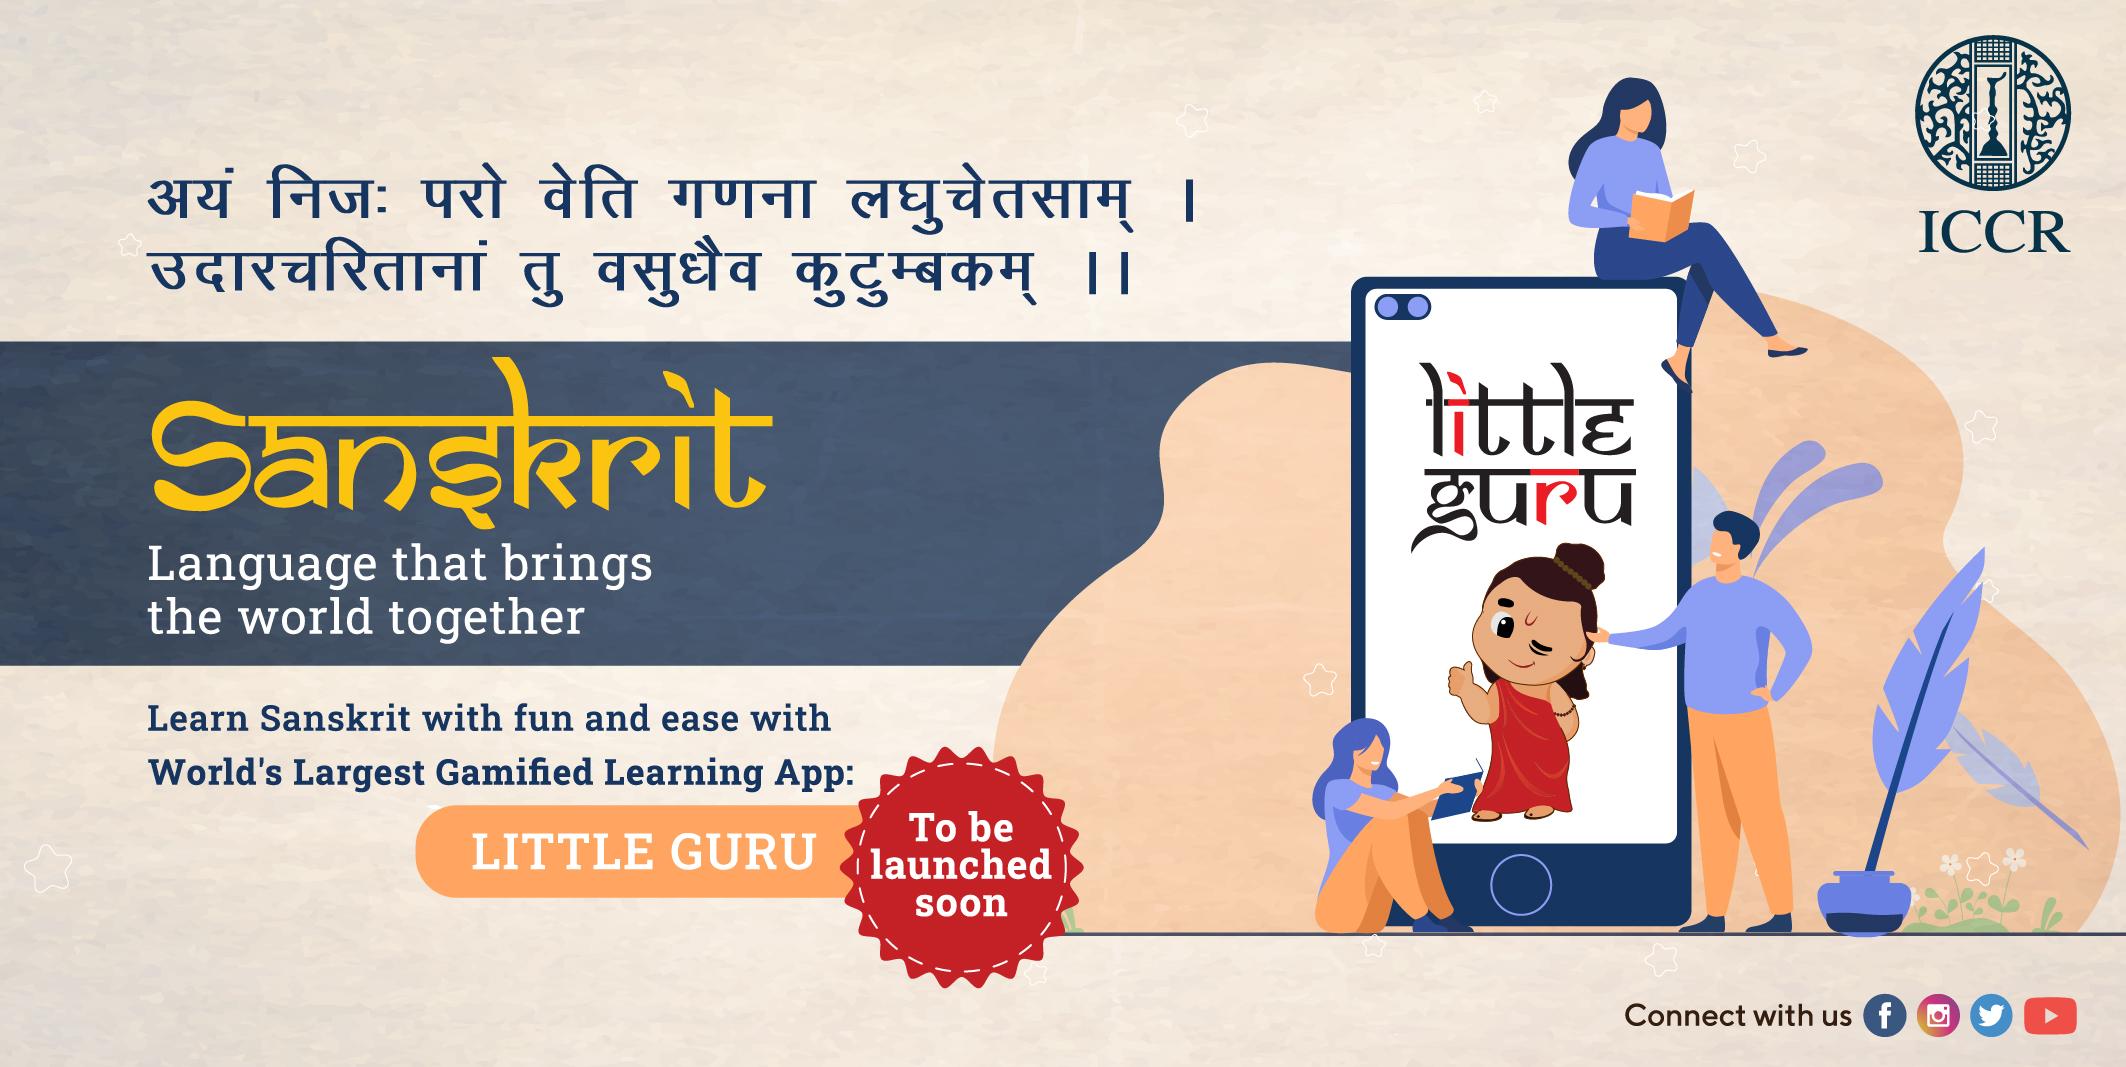 Launch of Little Guru Sanskrit Learning App on 22 April 2021 at 1130 hrs